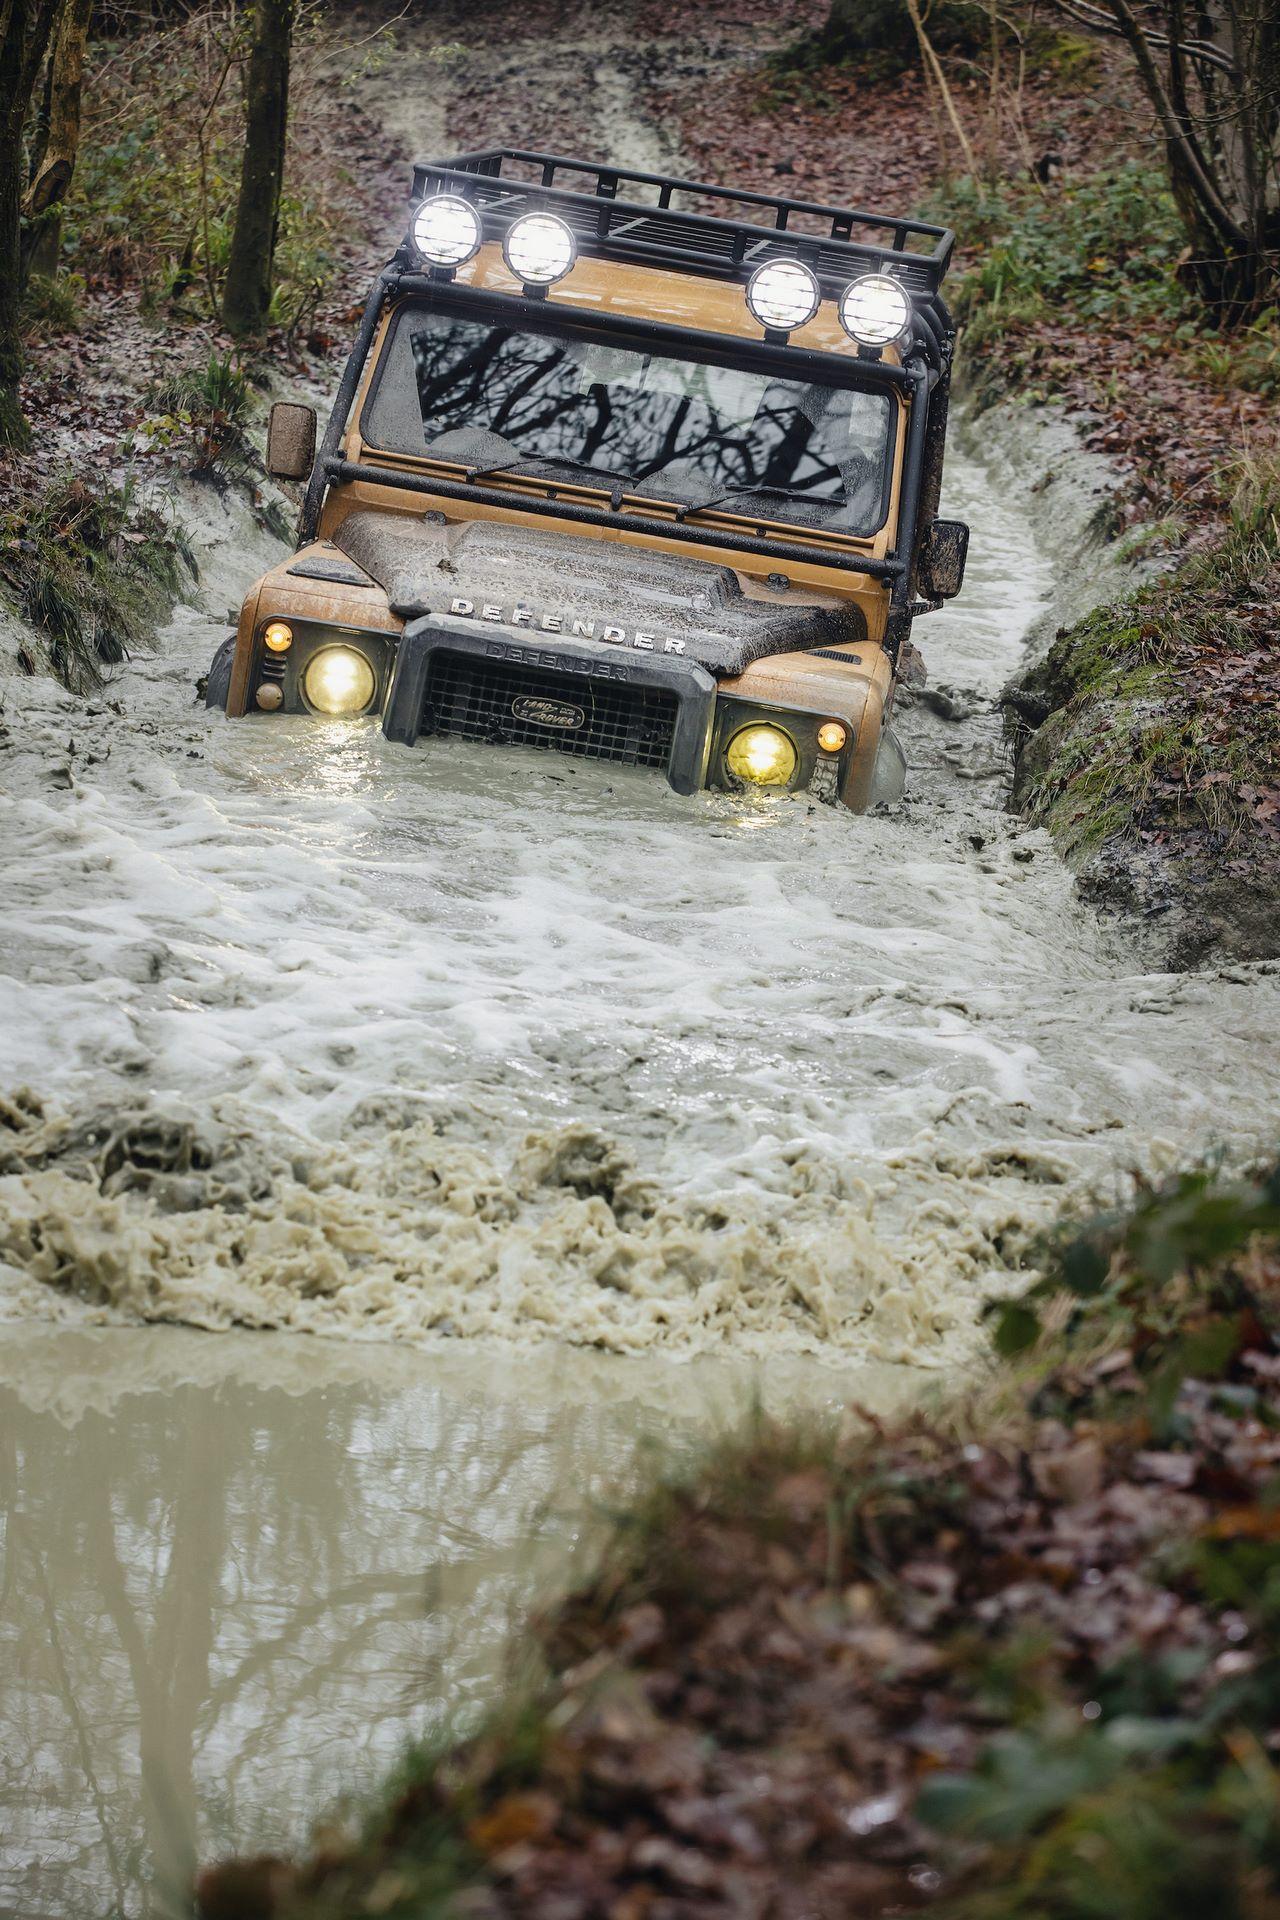 Land-Rover-Defender-Works-V8-Trophy-26